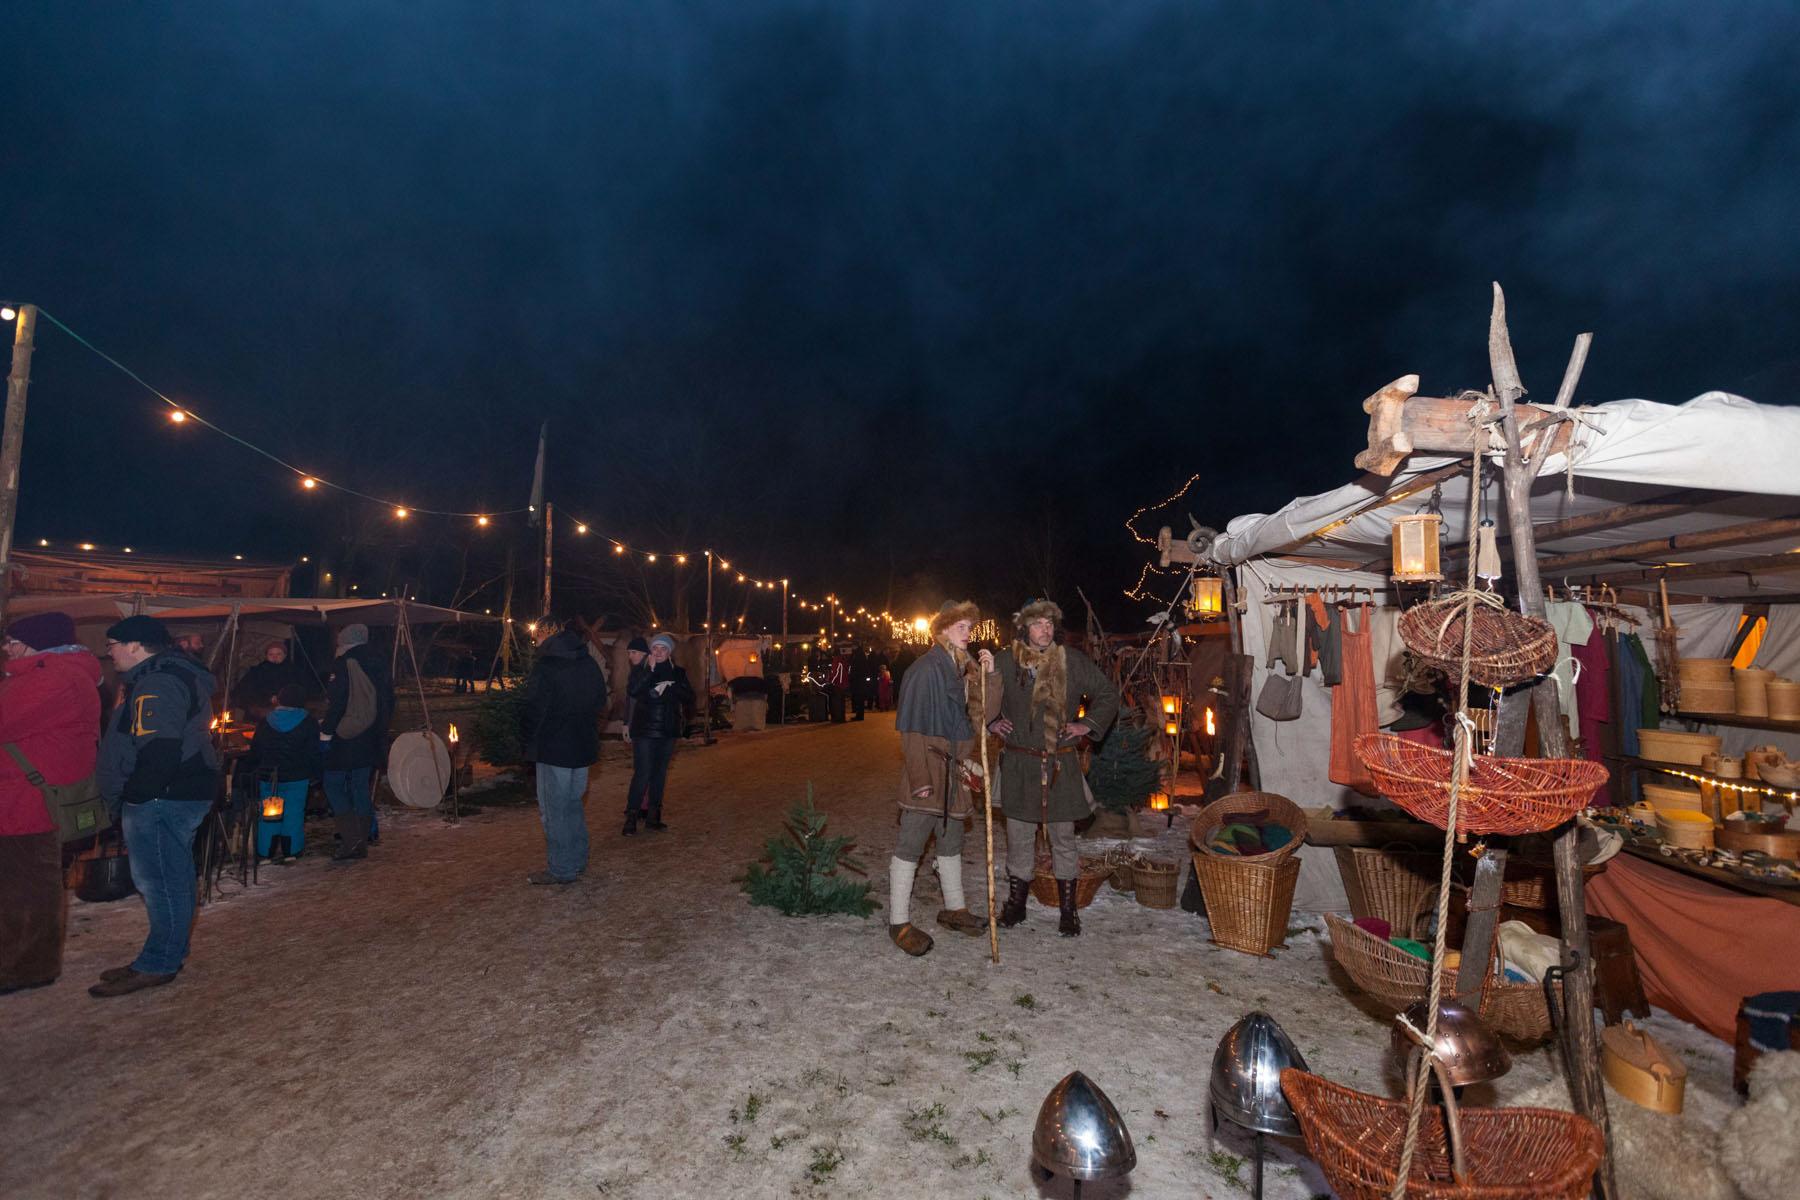 Besucher der 17. Waldweihnacht im Erlebniswald Trappenkamp erlebten eine verzauberte Waldlandschaft im Glanz unzähliger Lichter